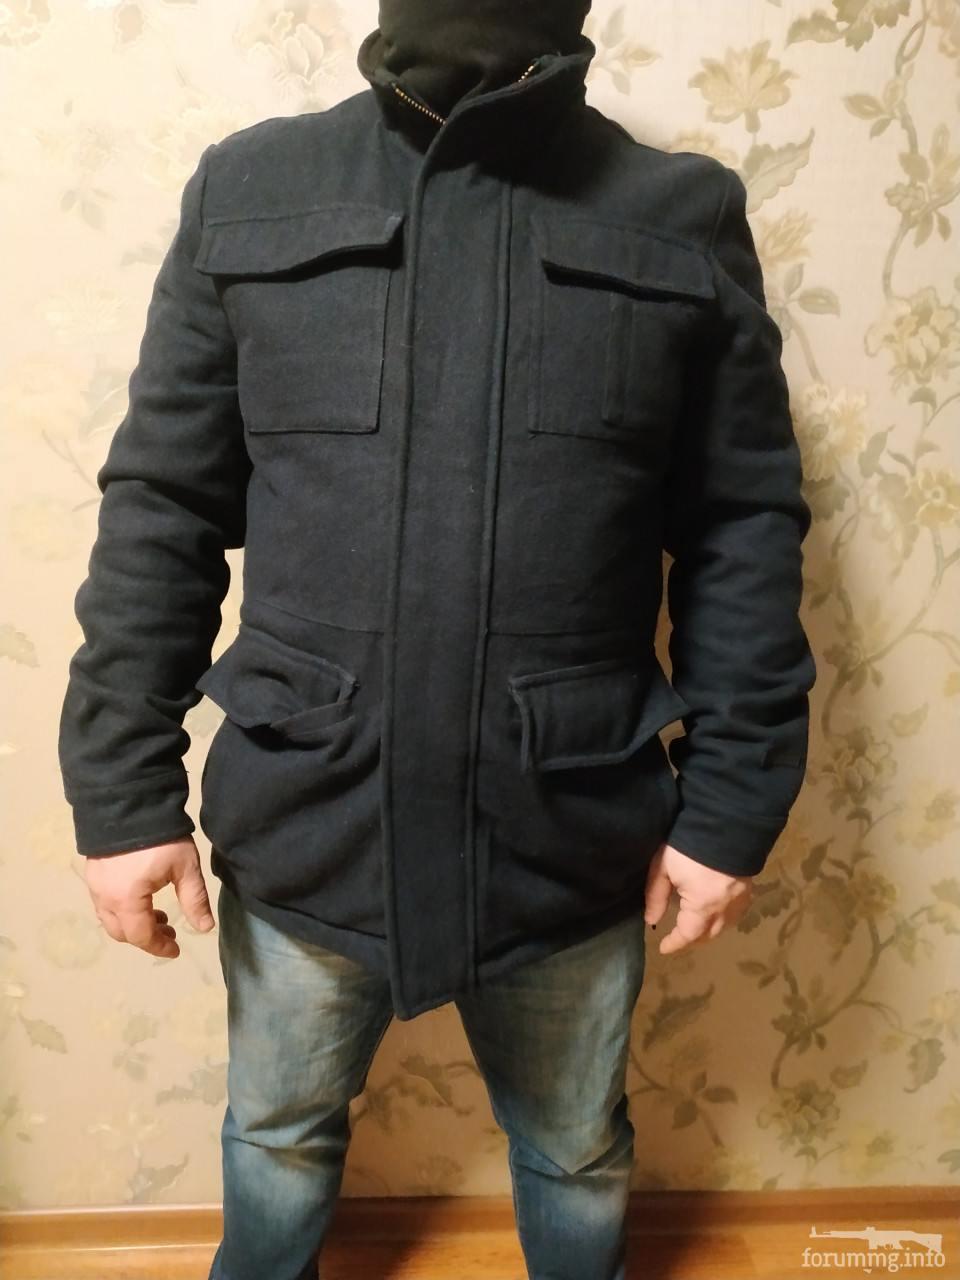 136460 - Тепла куртка в мілітарі стилі